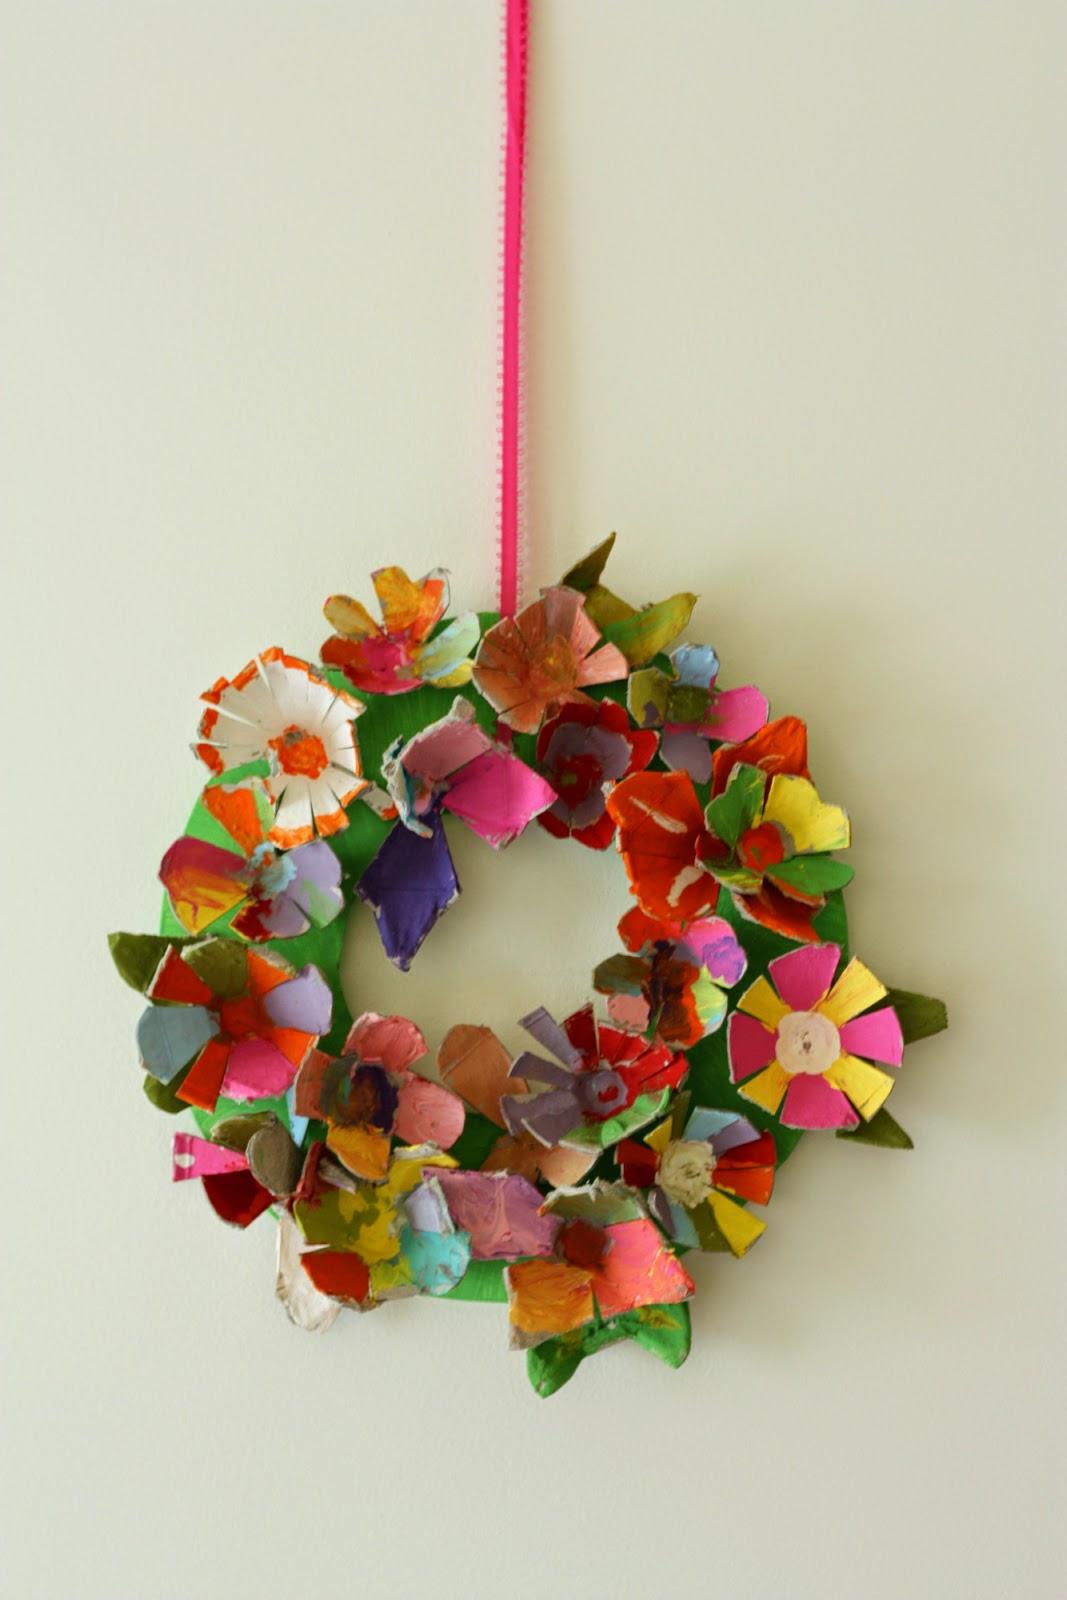 http://4.bp.blogspot.com/-E_mjdvlu4VQ/U1clk656CAI/AAAAAAAAgQ8/RymSiAyeA4s/s1600/wreath.jpg